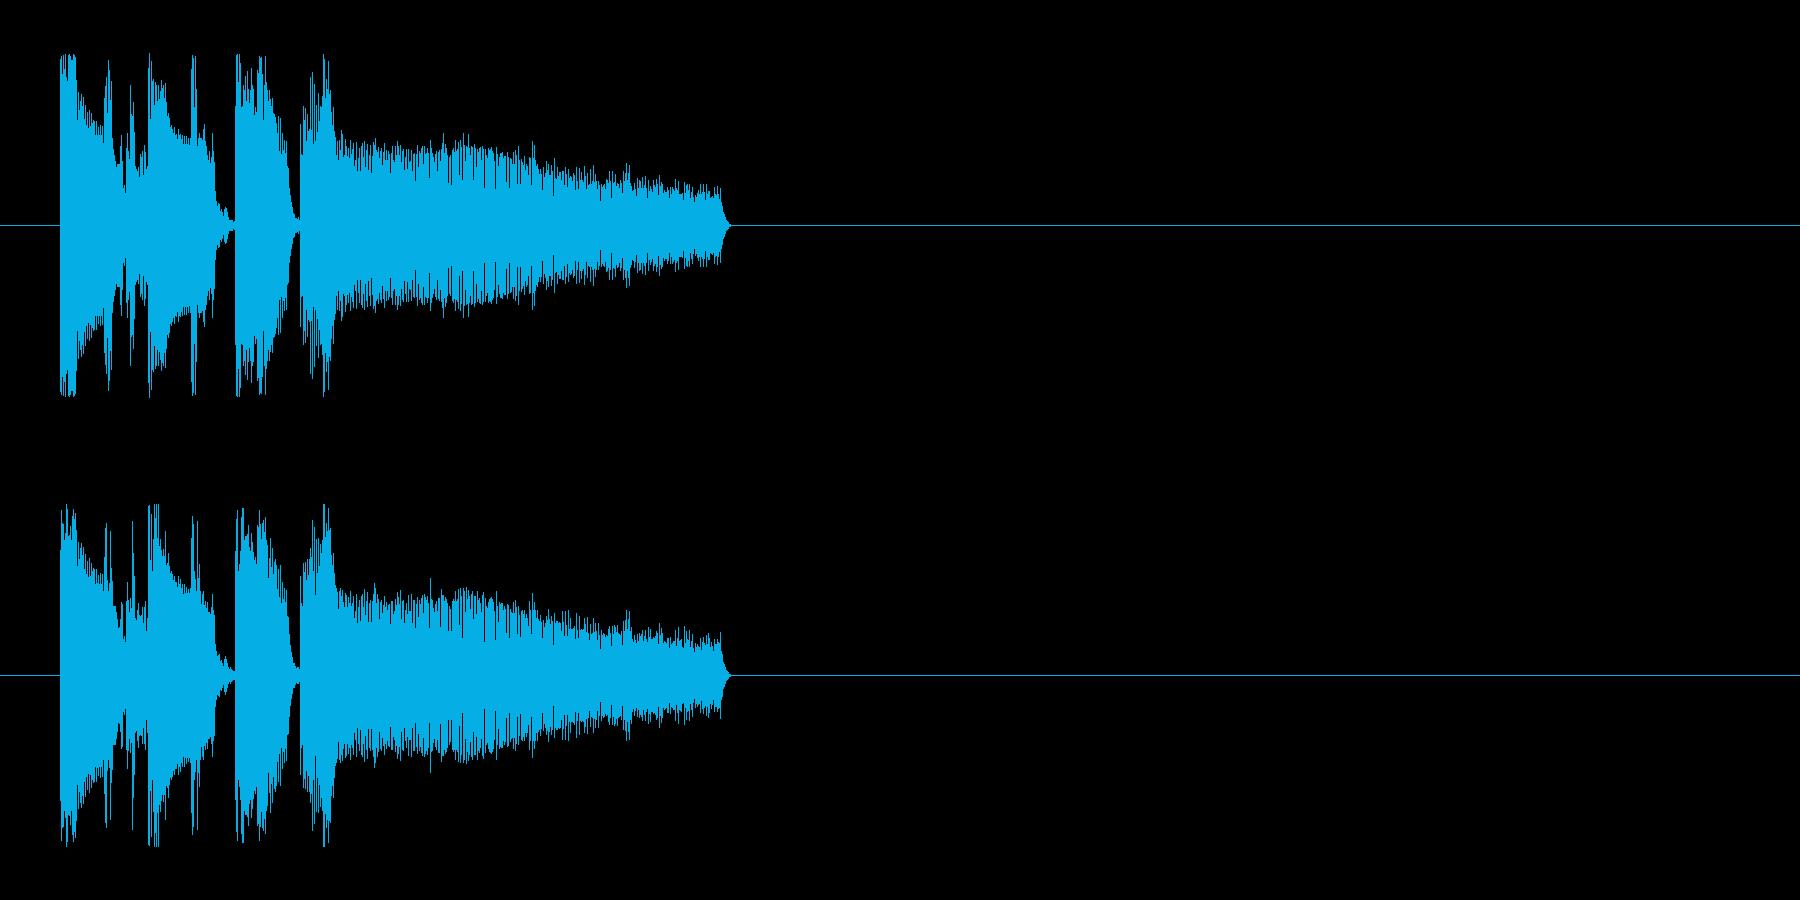 おちゃらけ コミカル クイズ 楽しいの再生済みの波形